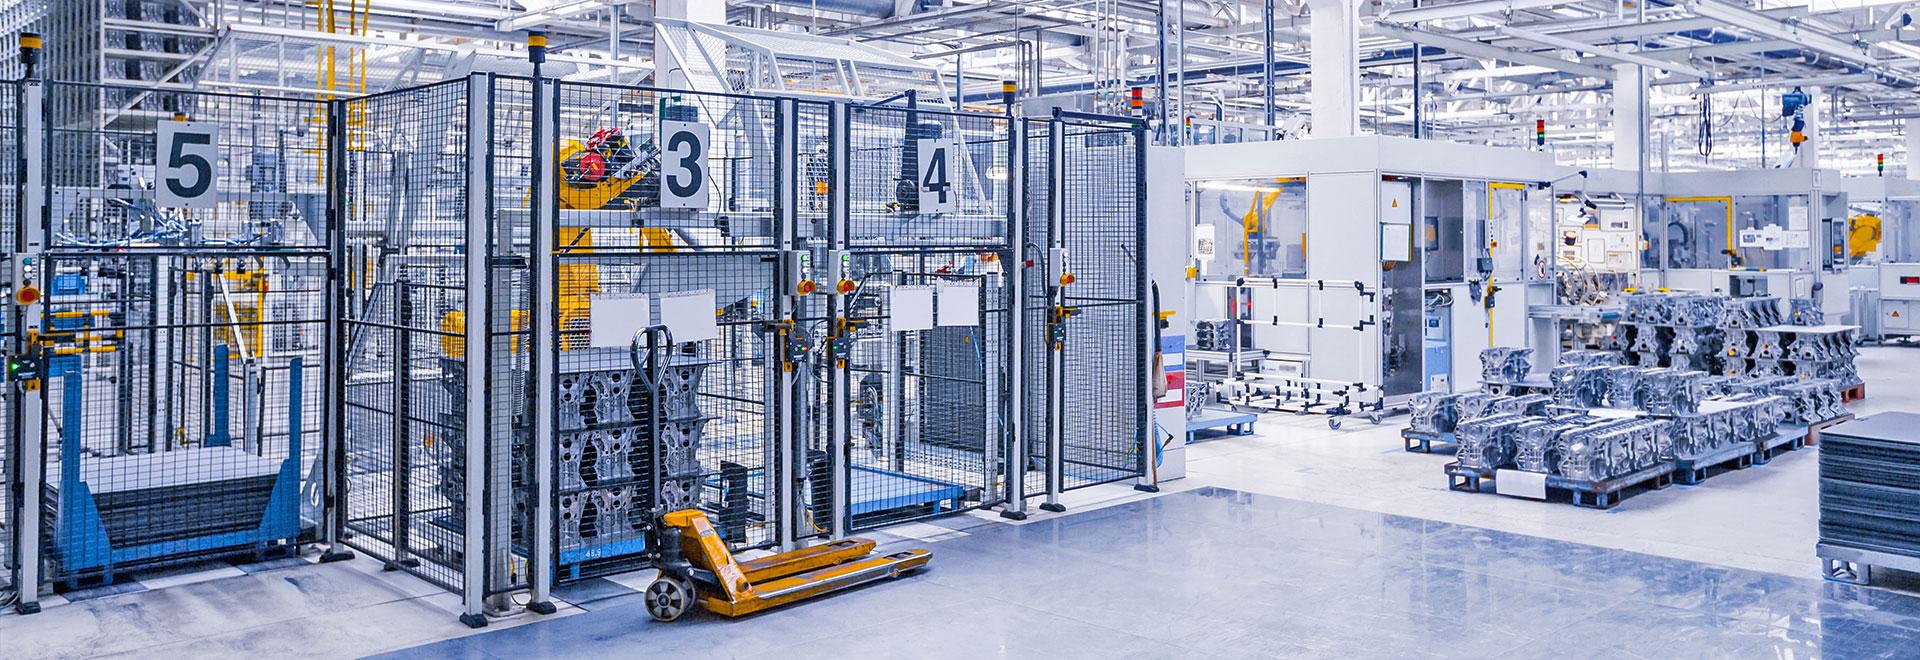 bg-automacao-industrial-pahc